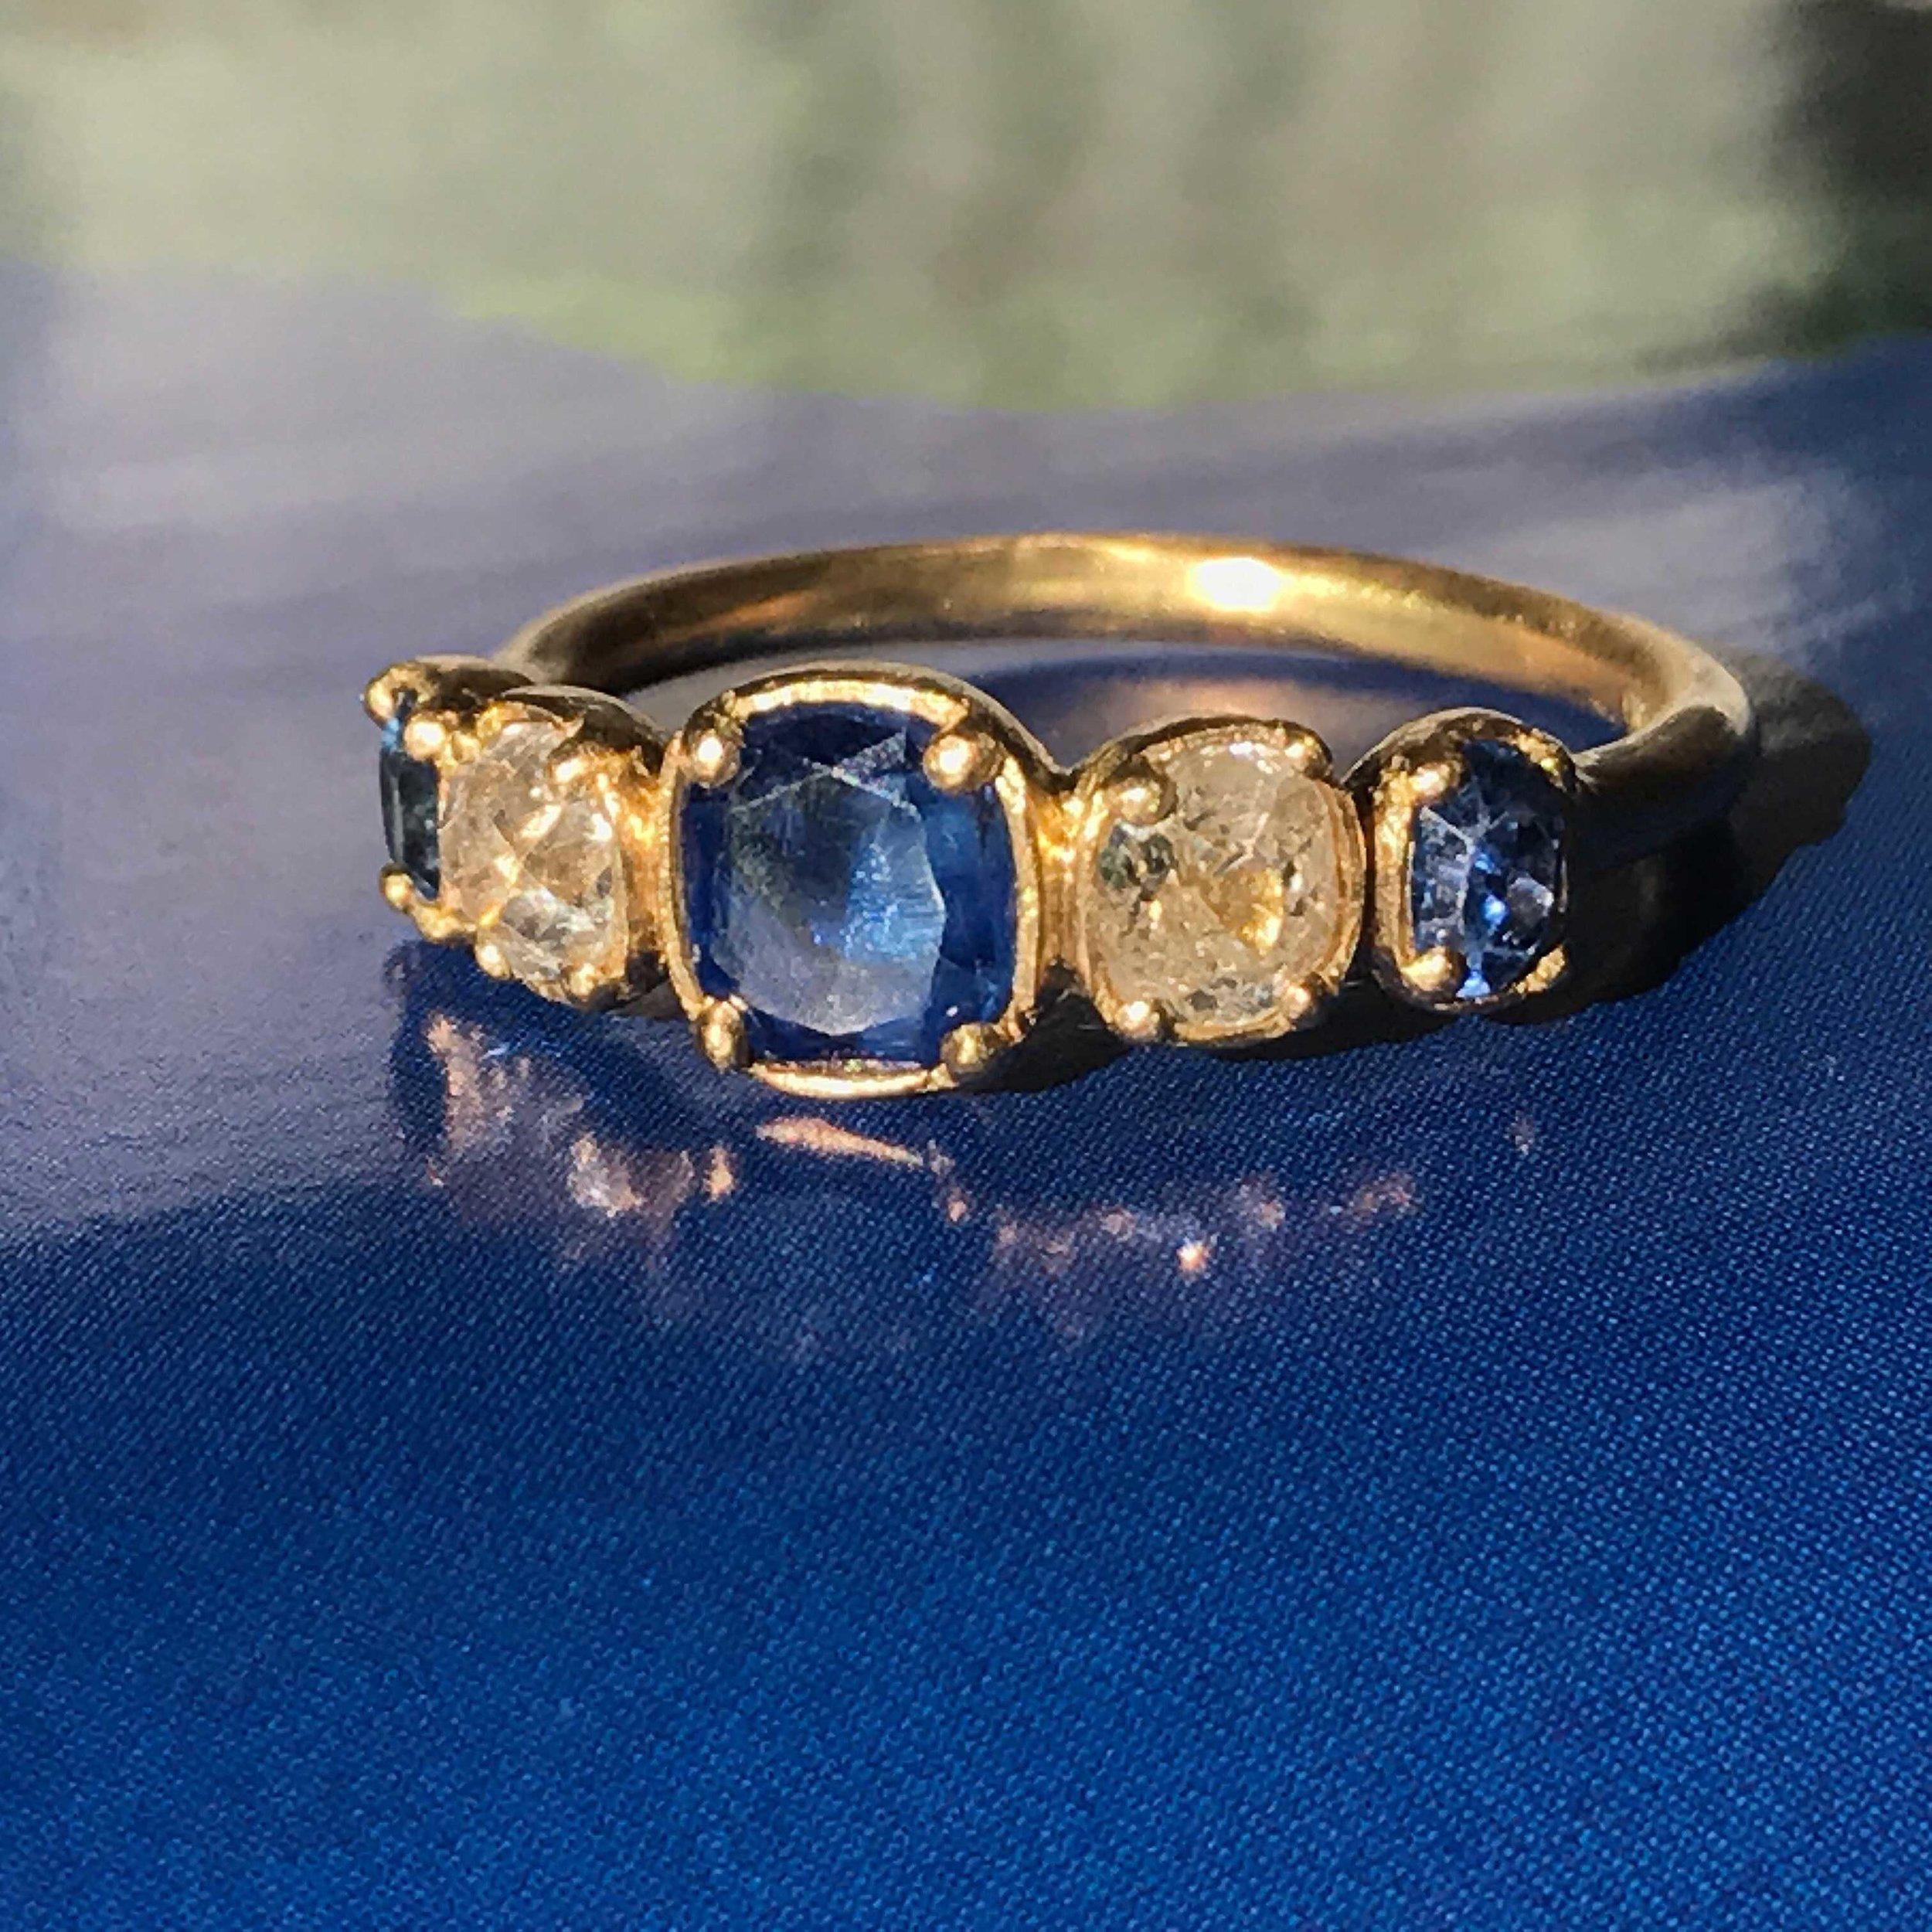 'Golden Blue' Ring